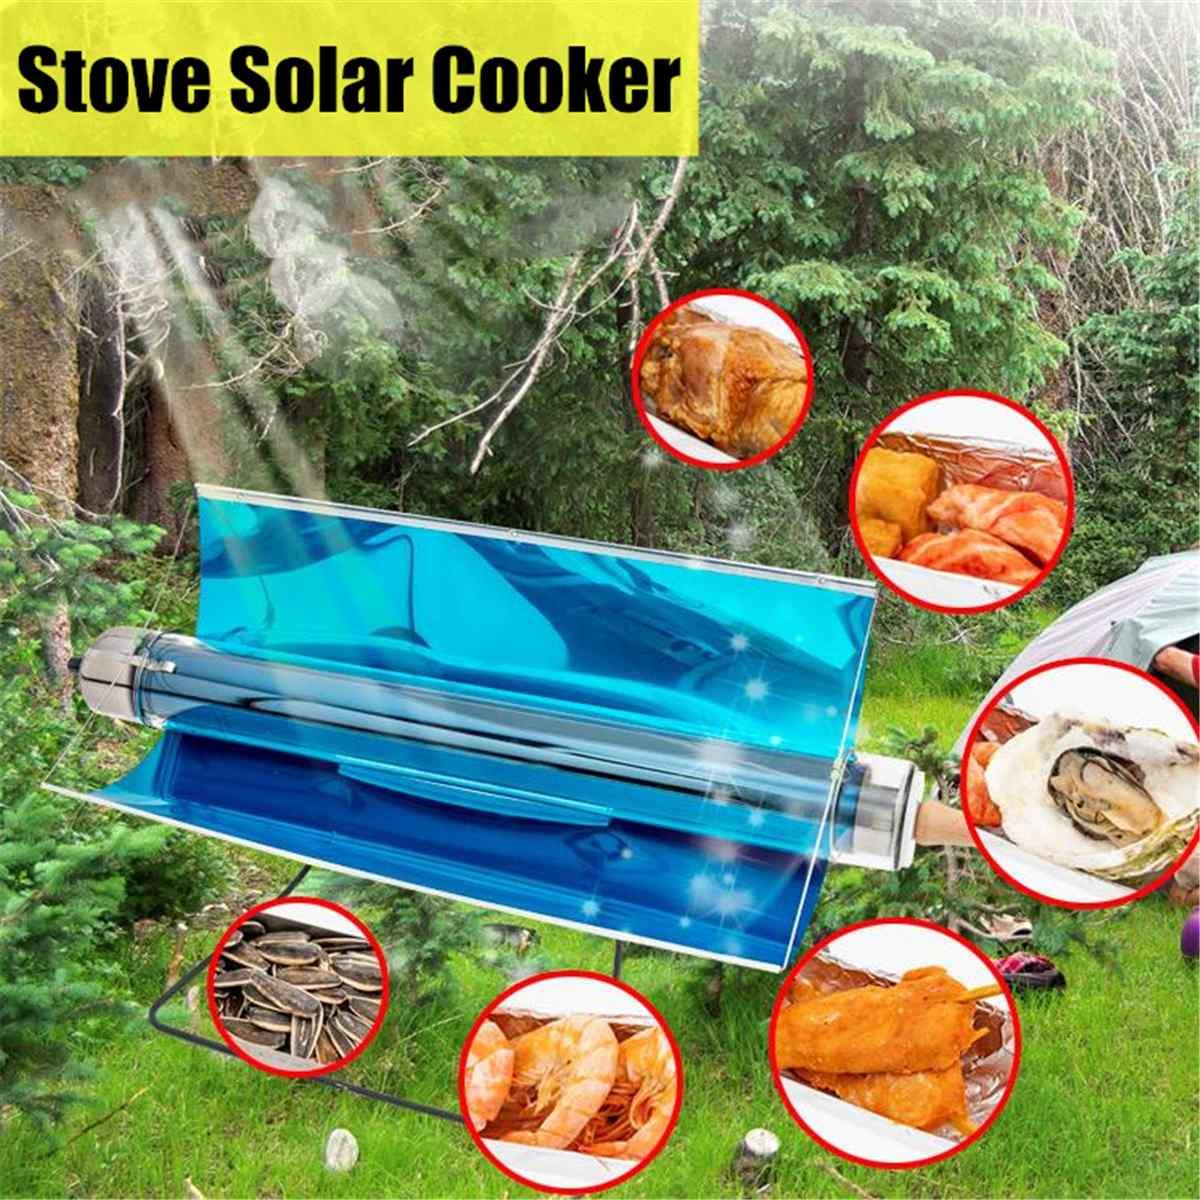 Portable chaud pliant cuisinière solaire cuisinière four carburant gratuit pique-nique cuisson Barbecue nourriture Camping randonnée en plein air Barbecue Grill 75X35X35 cm